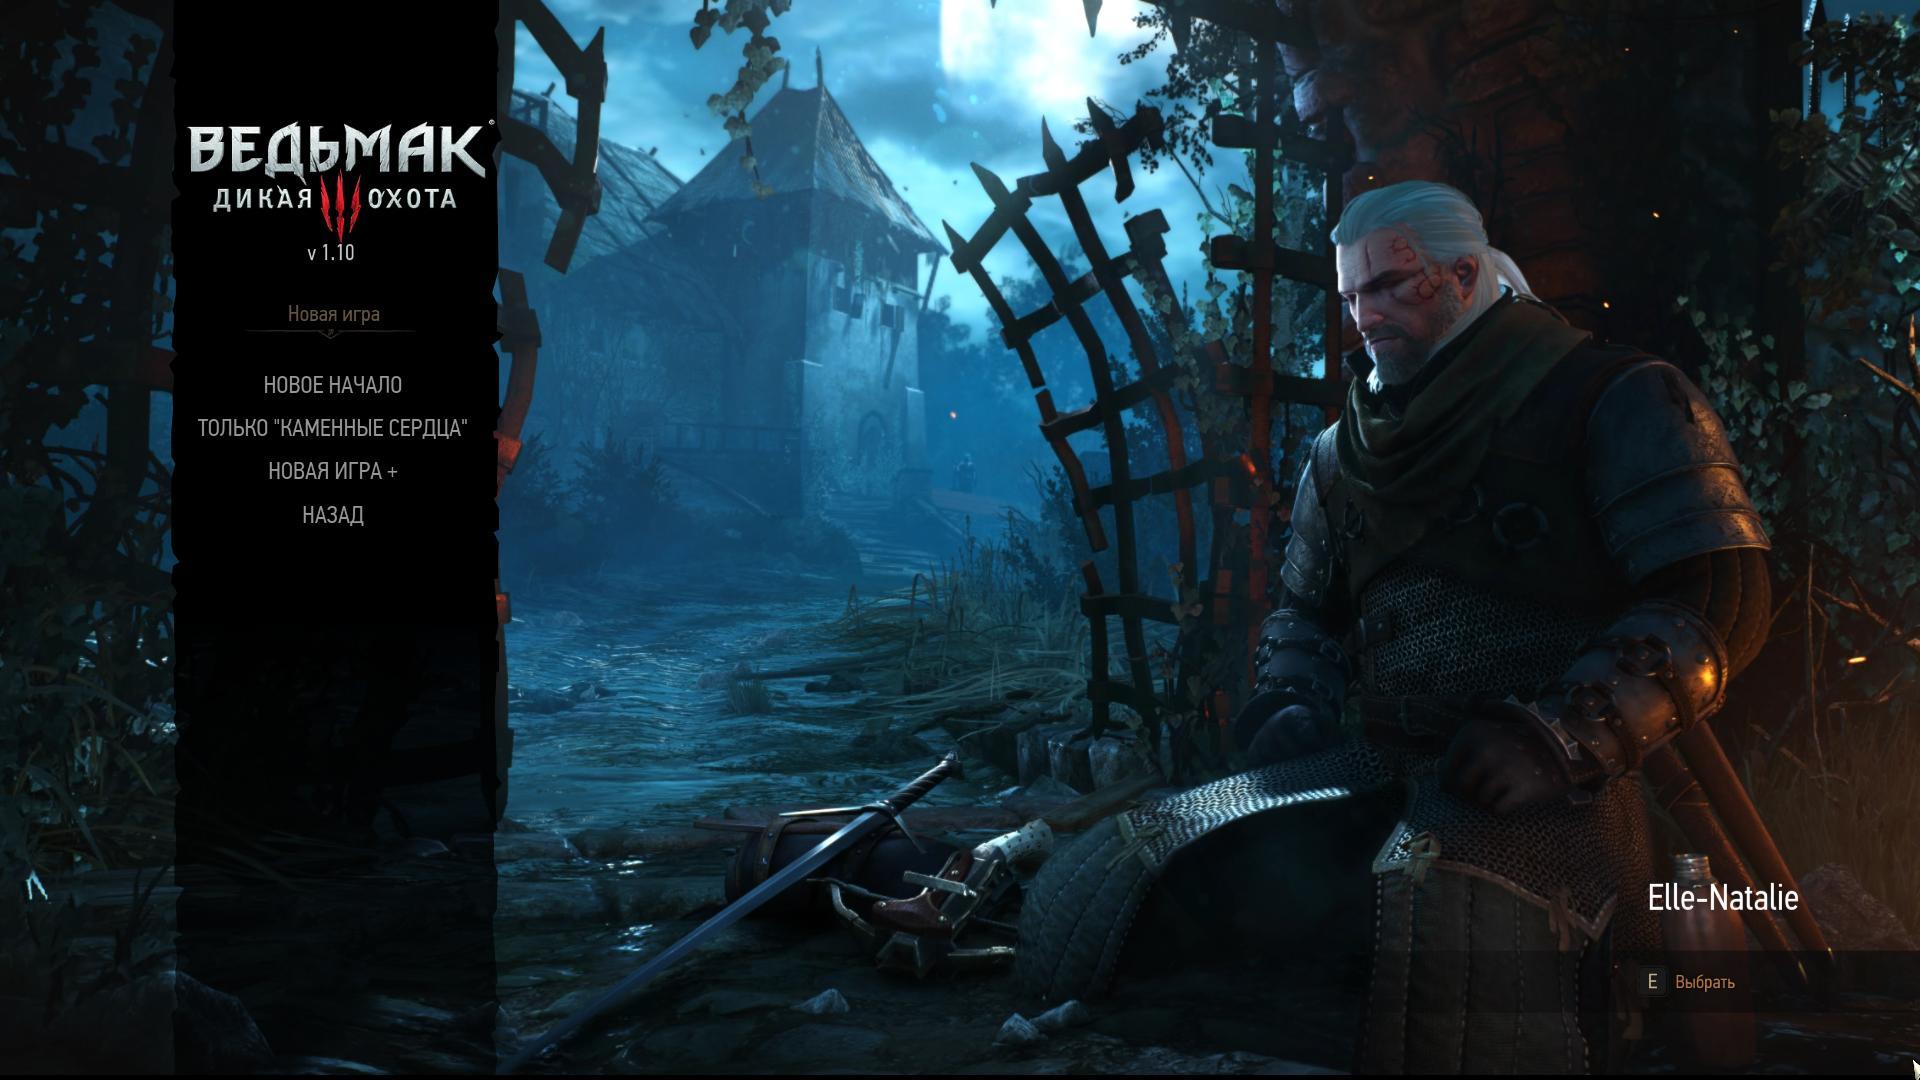 Каменные сердца (ориг. Hearts of stone) — комплект дополнений для игры ведьмак 3: дикая охота. Анонсированное наряду с дополнением «кровь и.